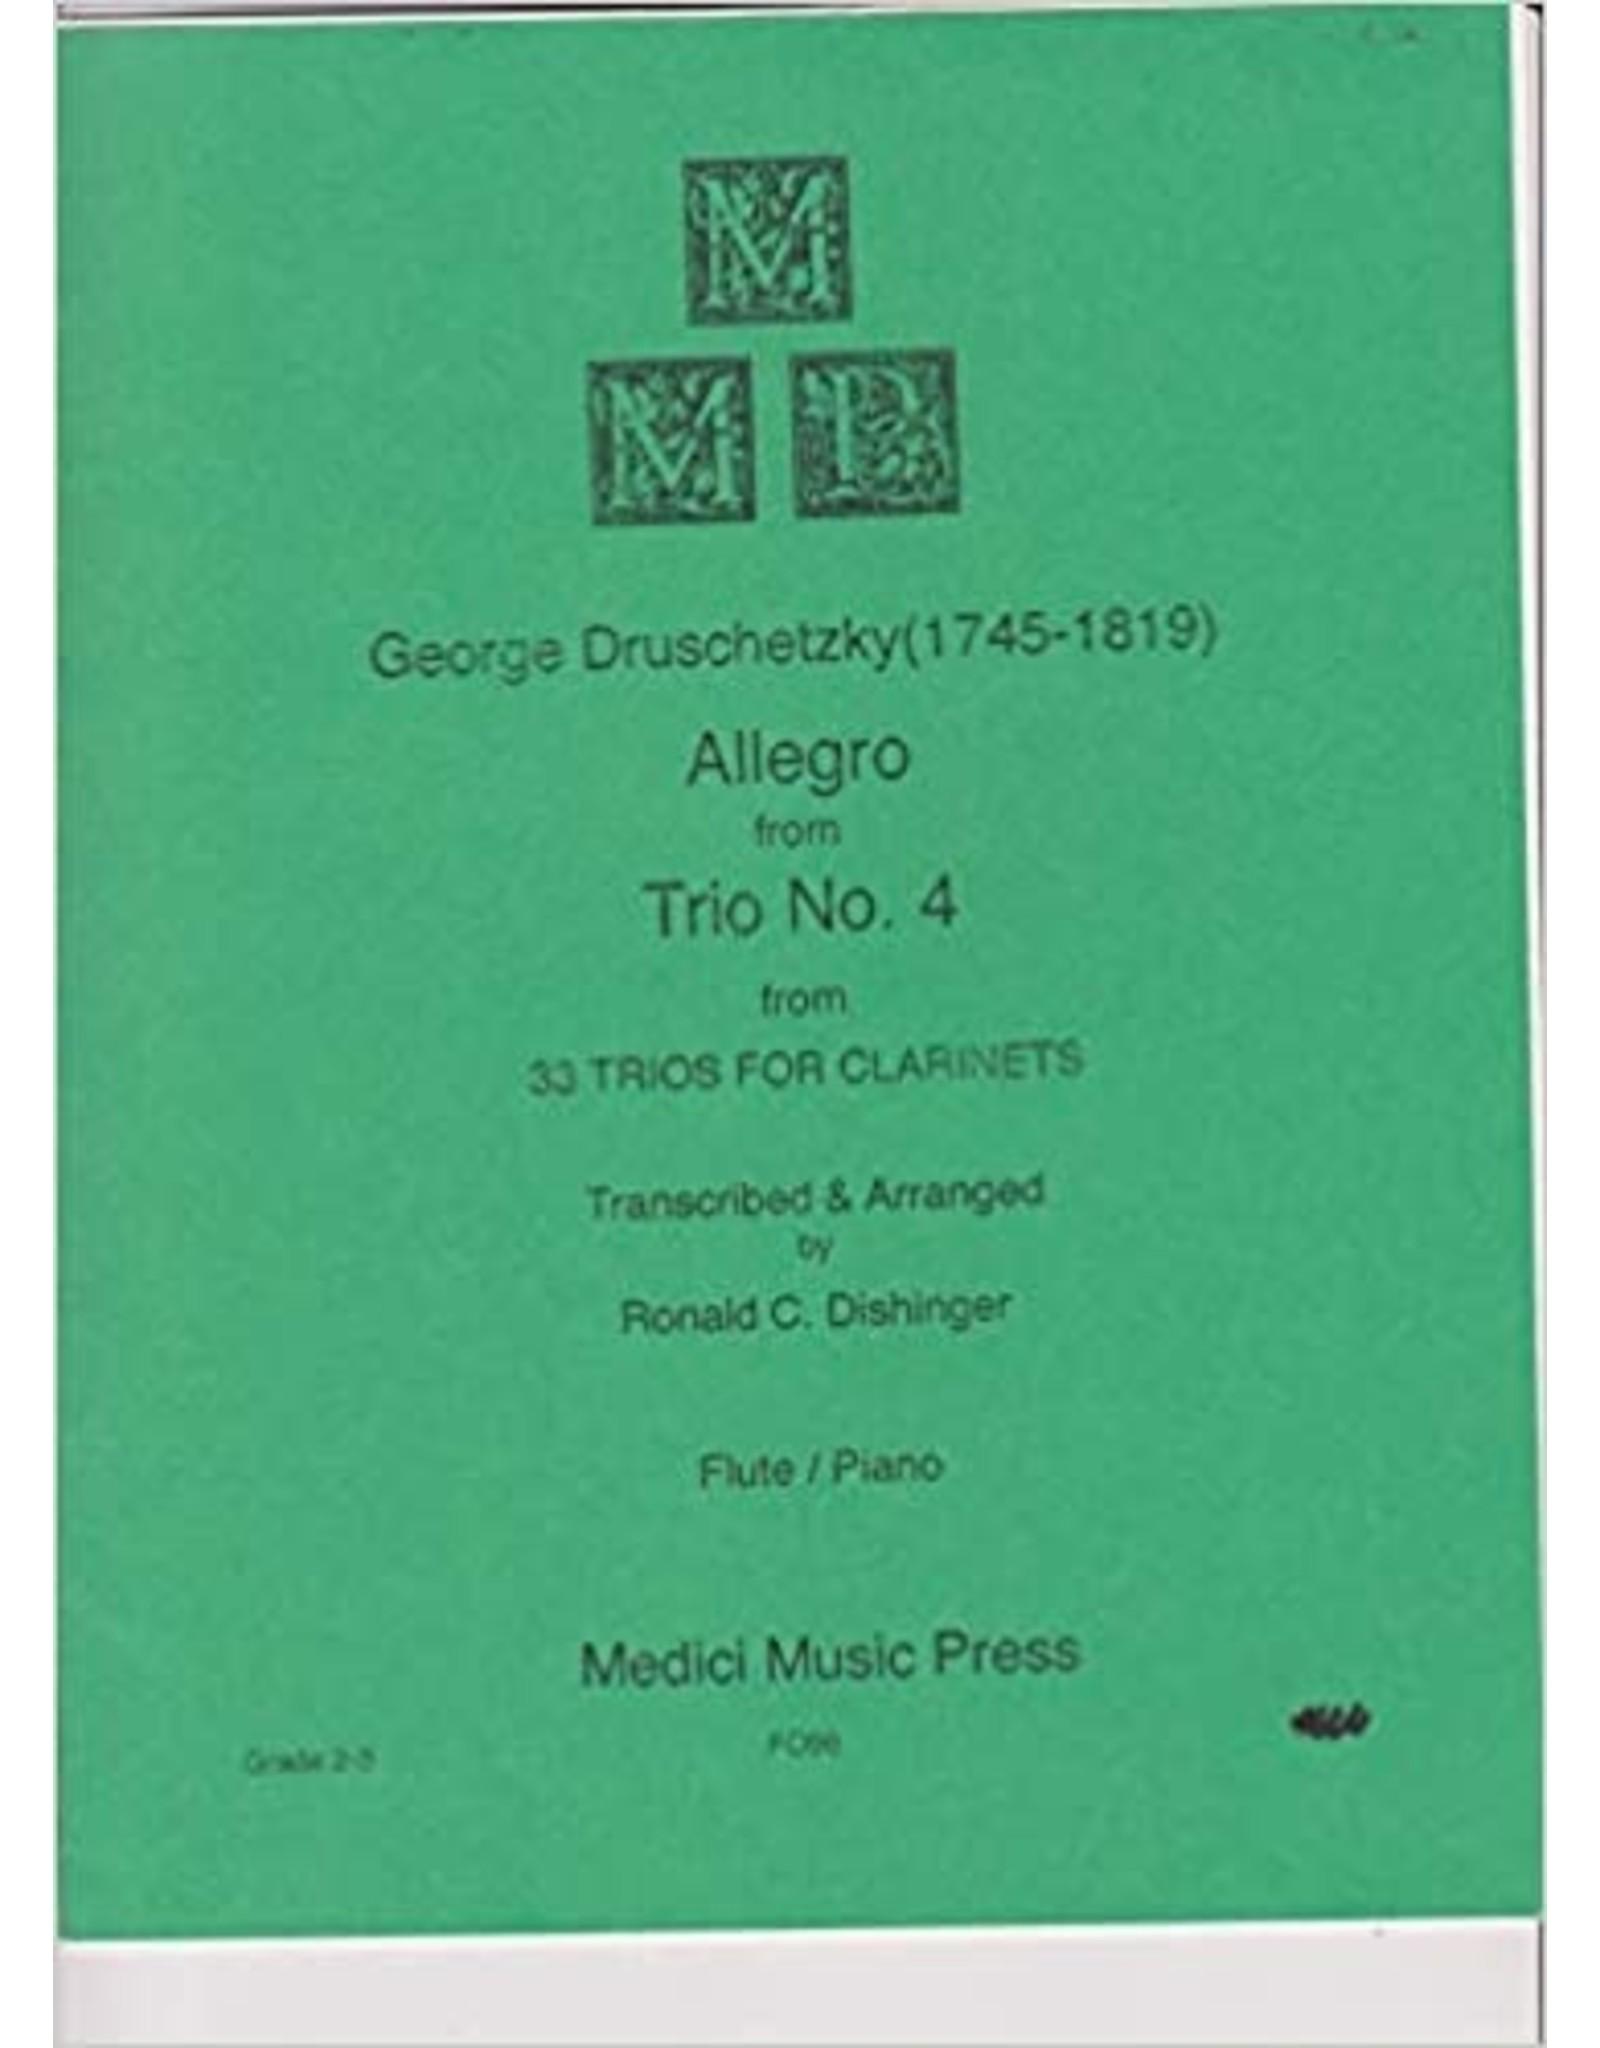 Medici Music Press Druschetzky - Allegro from Trio No.4